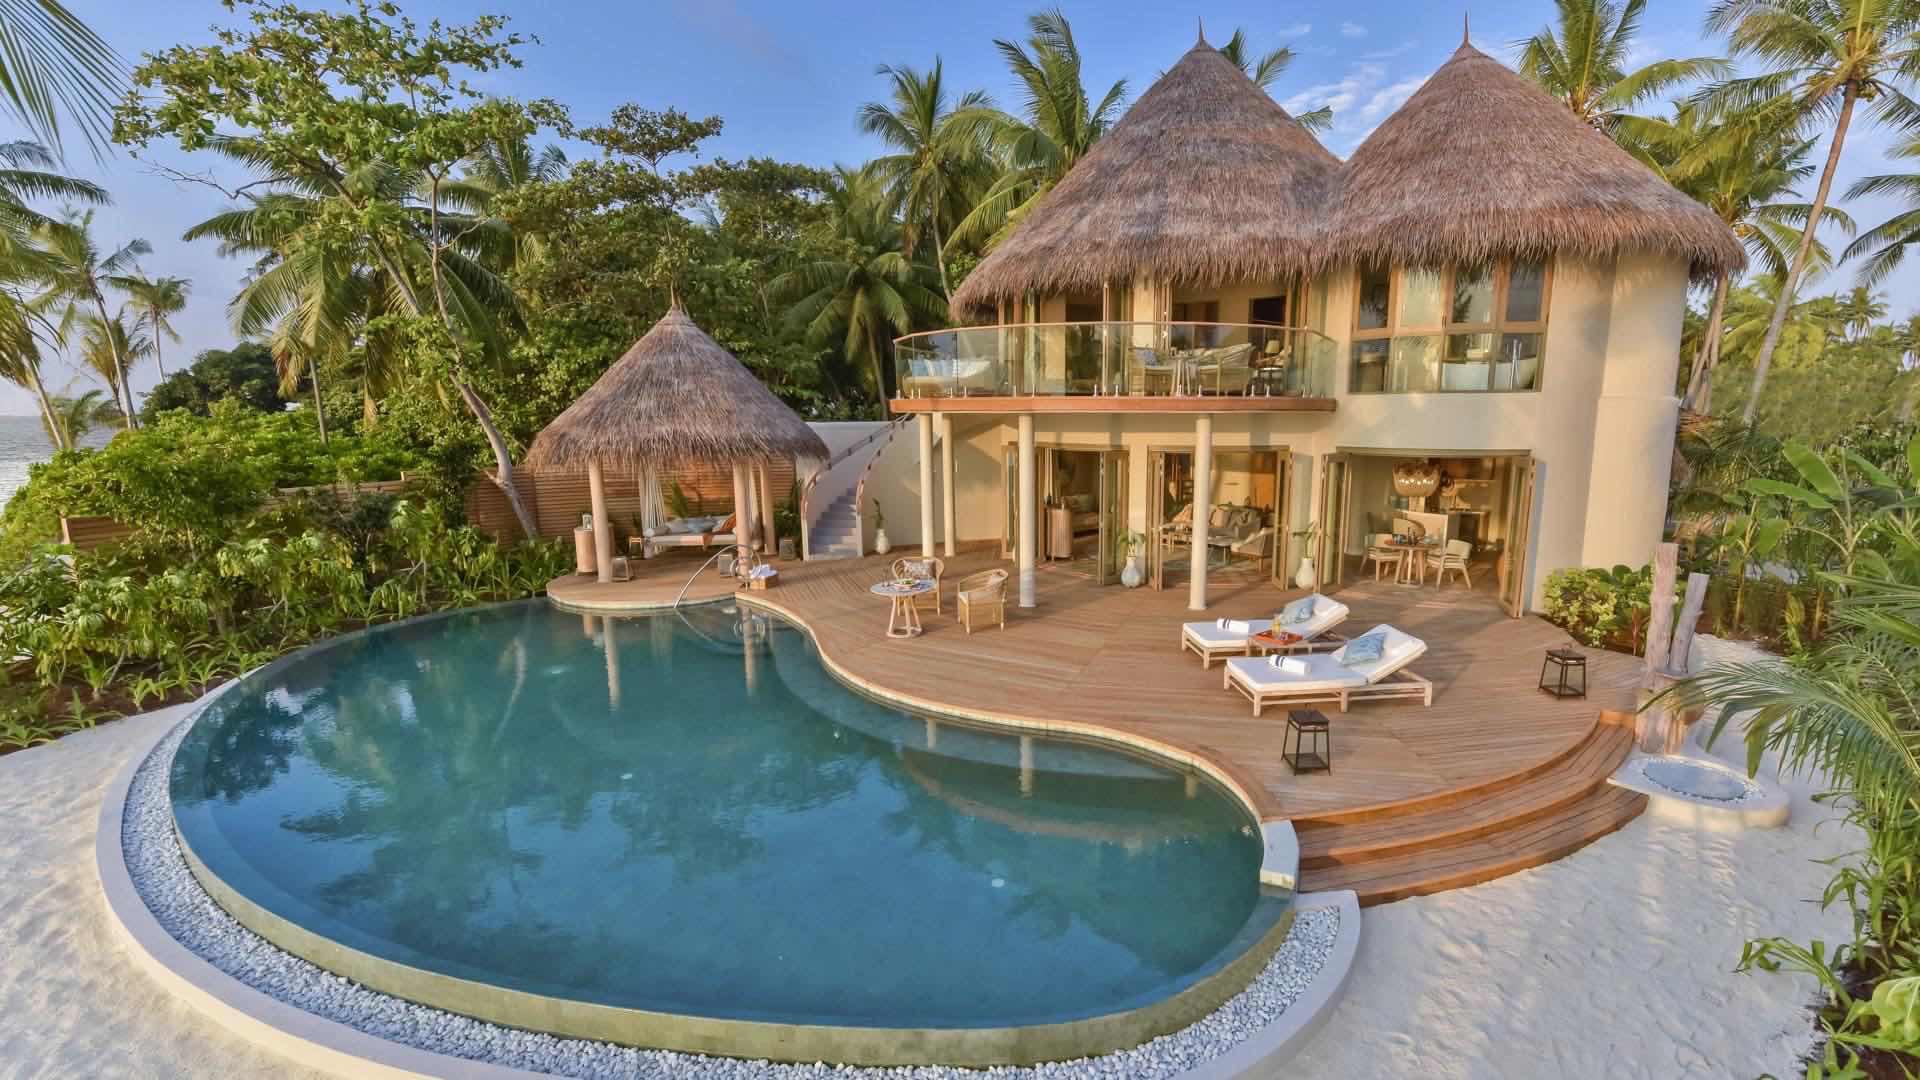 Resort Maldive The Nautilus Maldive beach villa